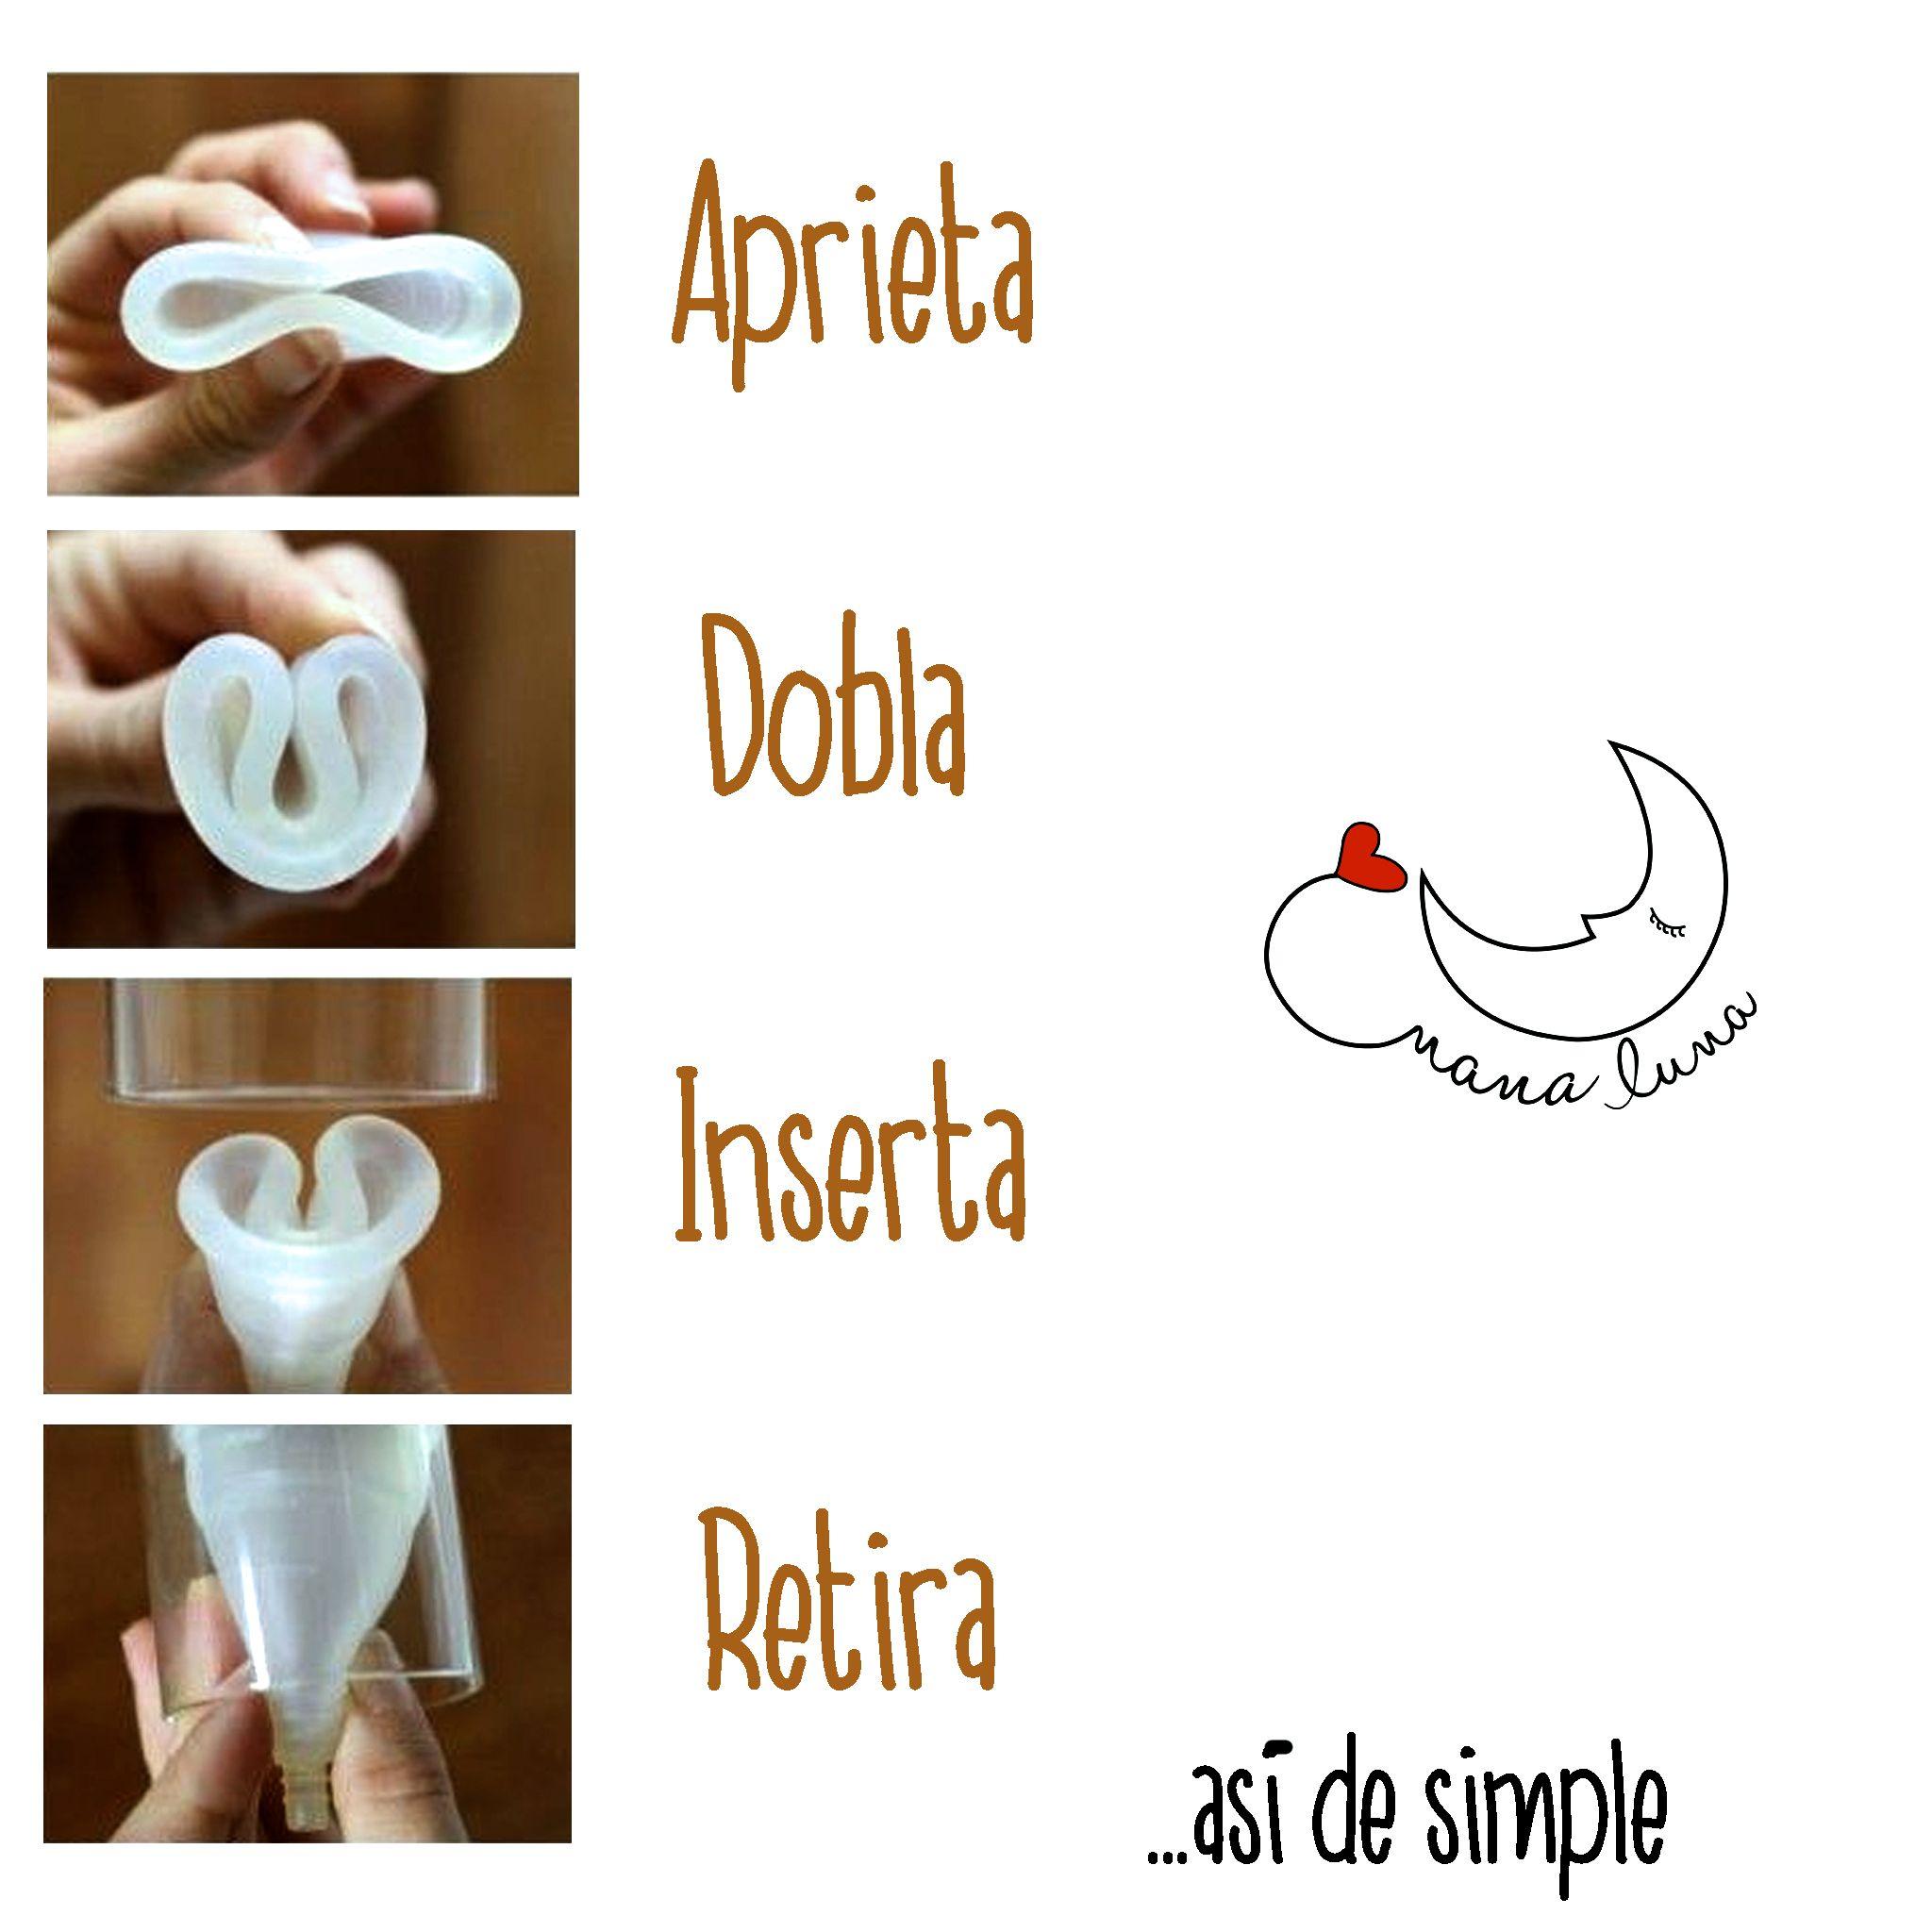 ¿se han preguntado como es usar una copa menstrual?  Aprieta Dobla Inserta Retira  ...así de simple!